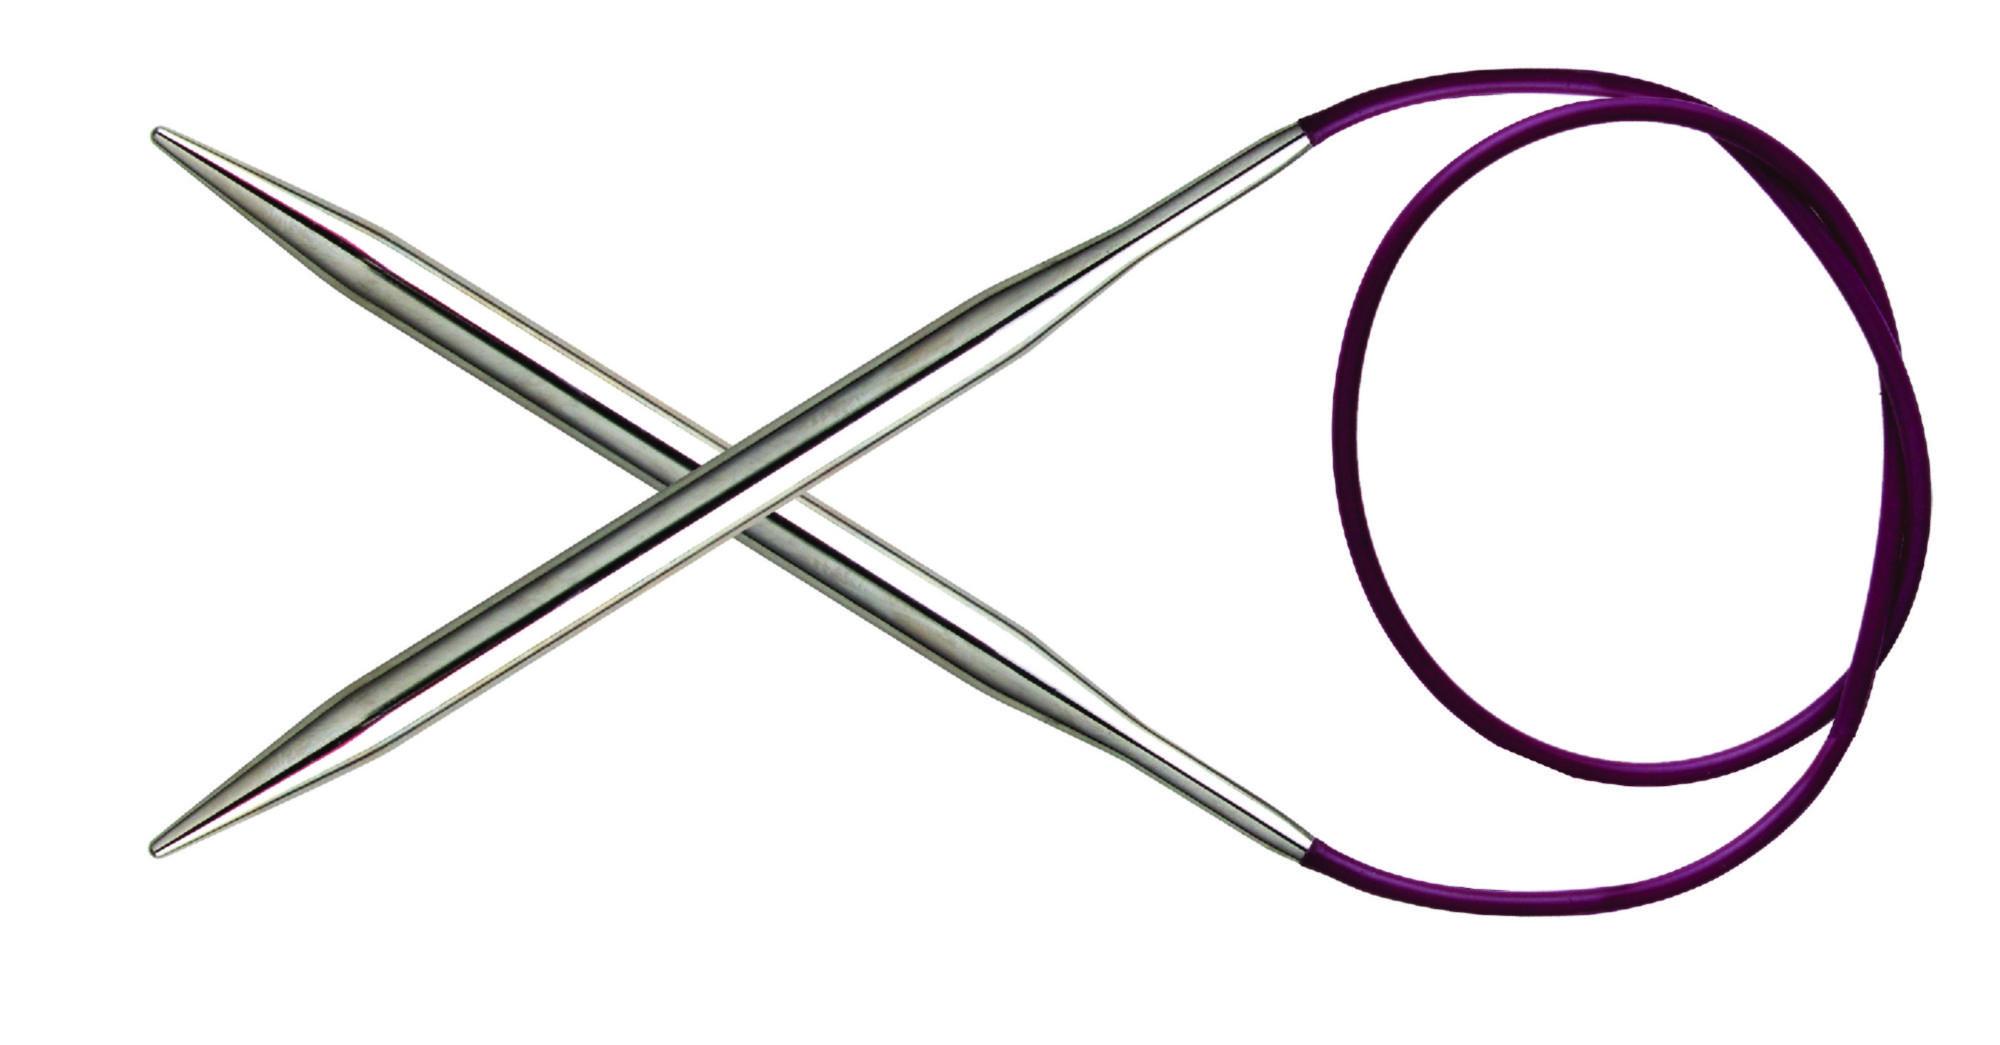 Спицы круговые 150 см Nova Metal  KnitPro, 11381, 3.75 мм